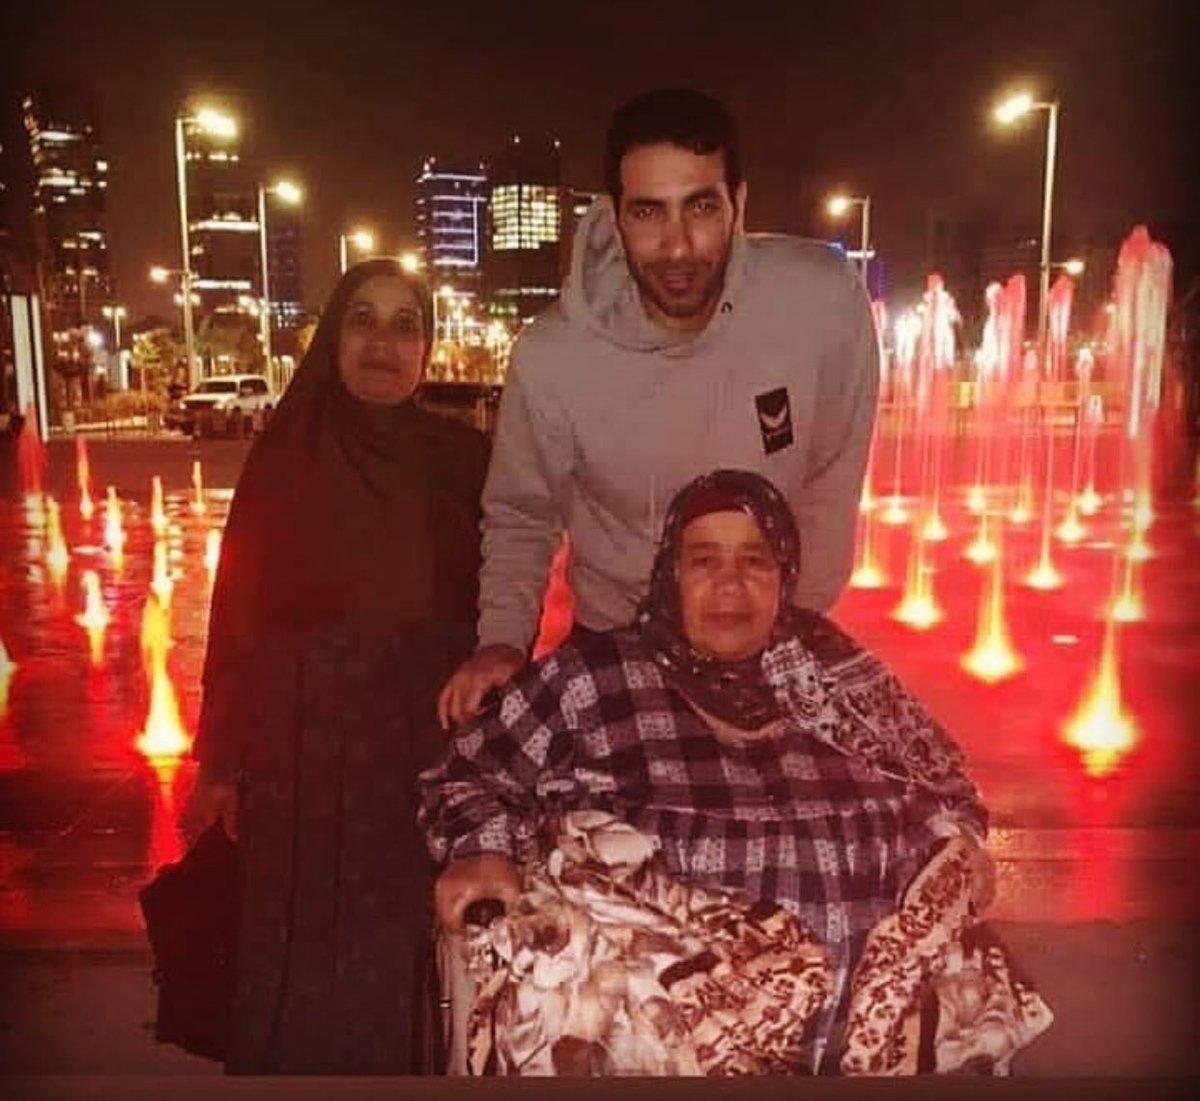 لقاء أبو تريكة بوالدته يشعل التواصل الاجتماعي